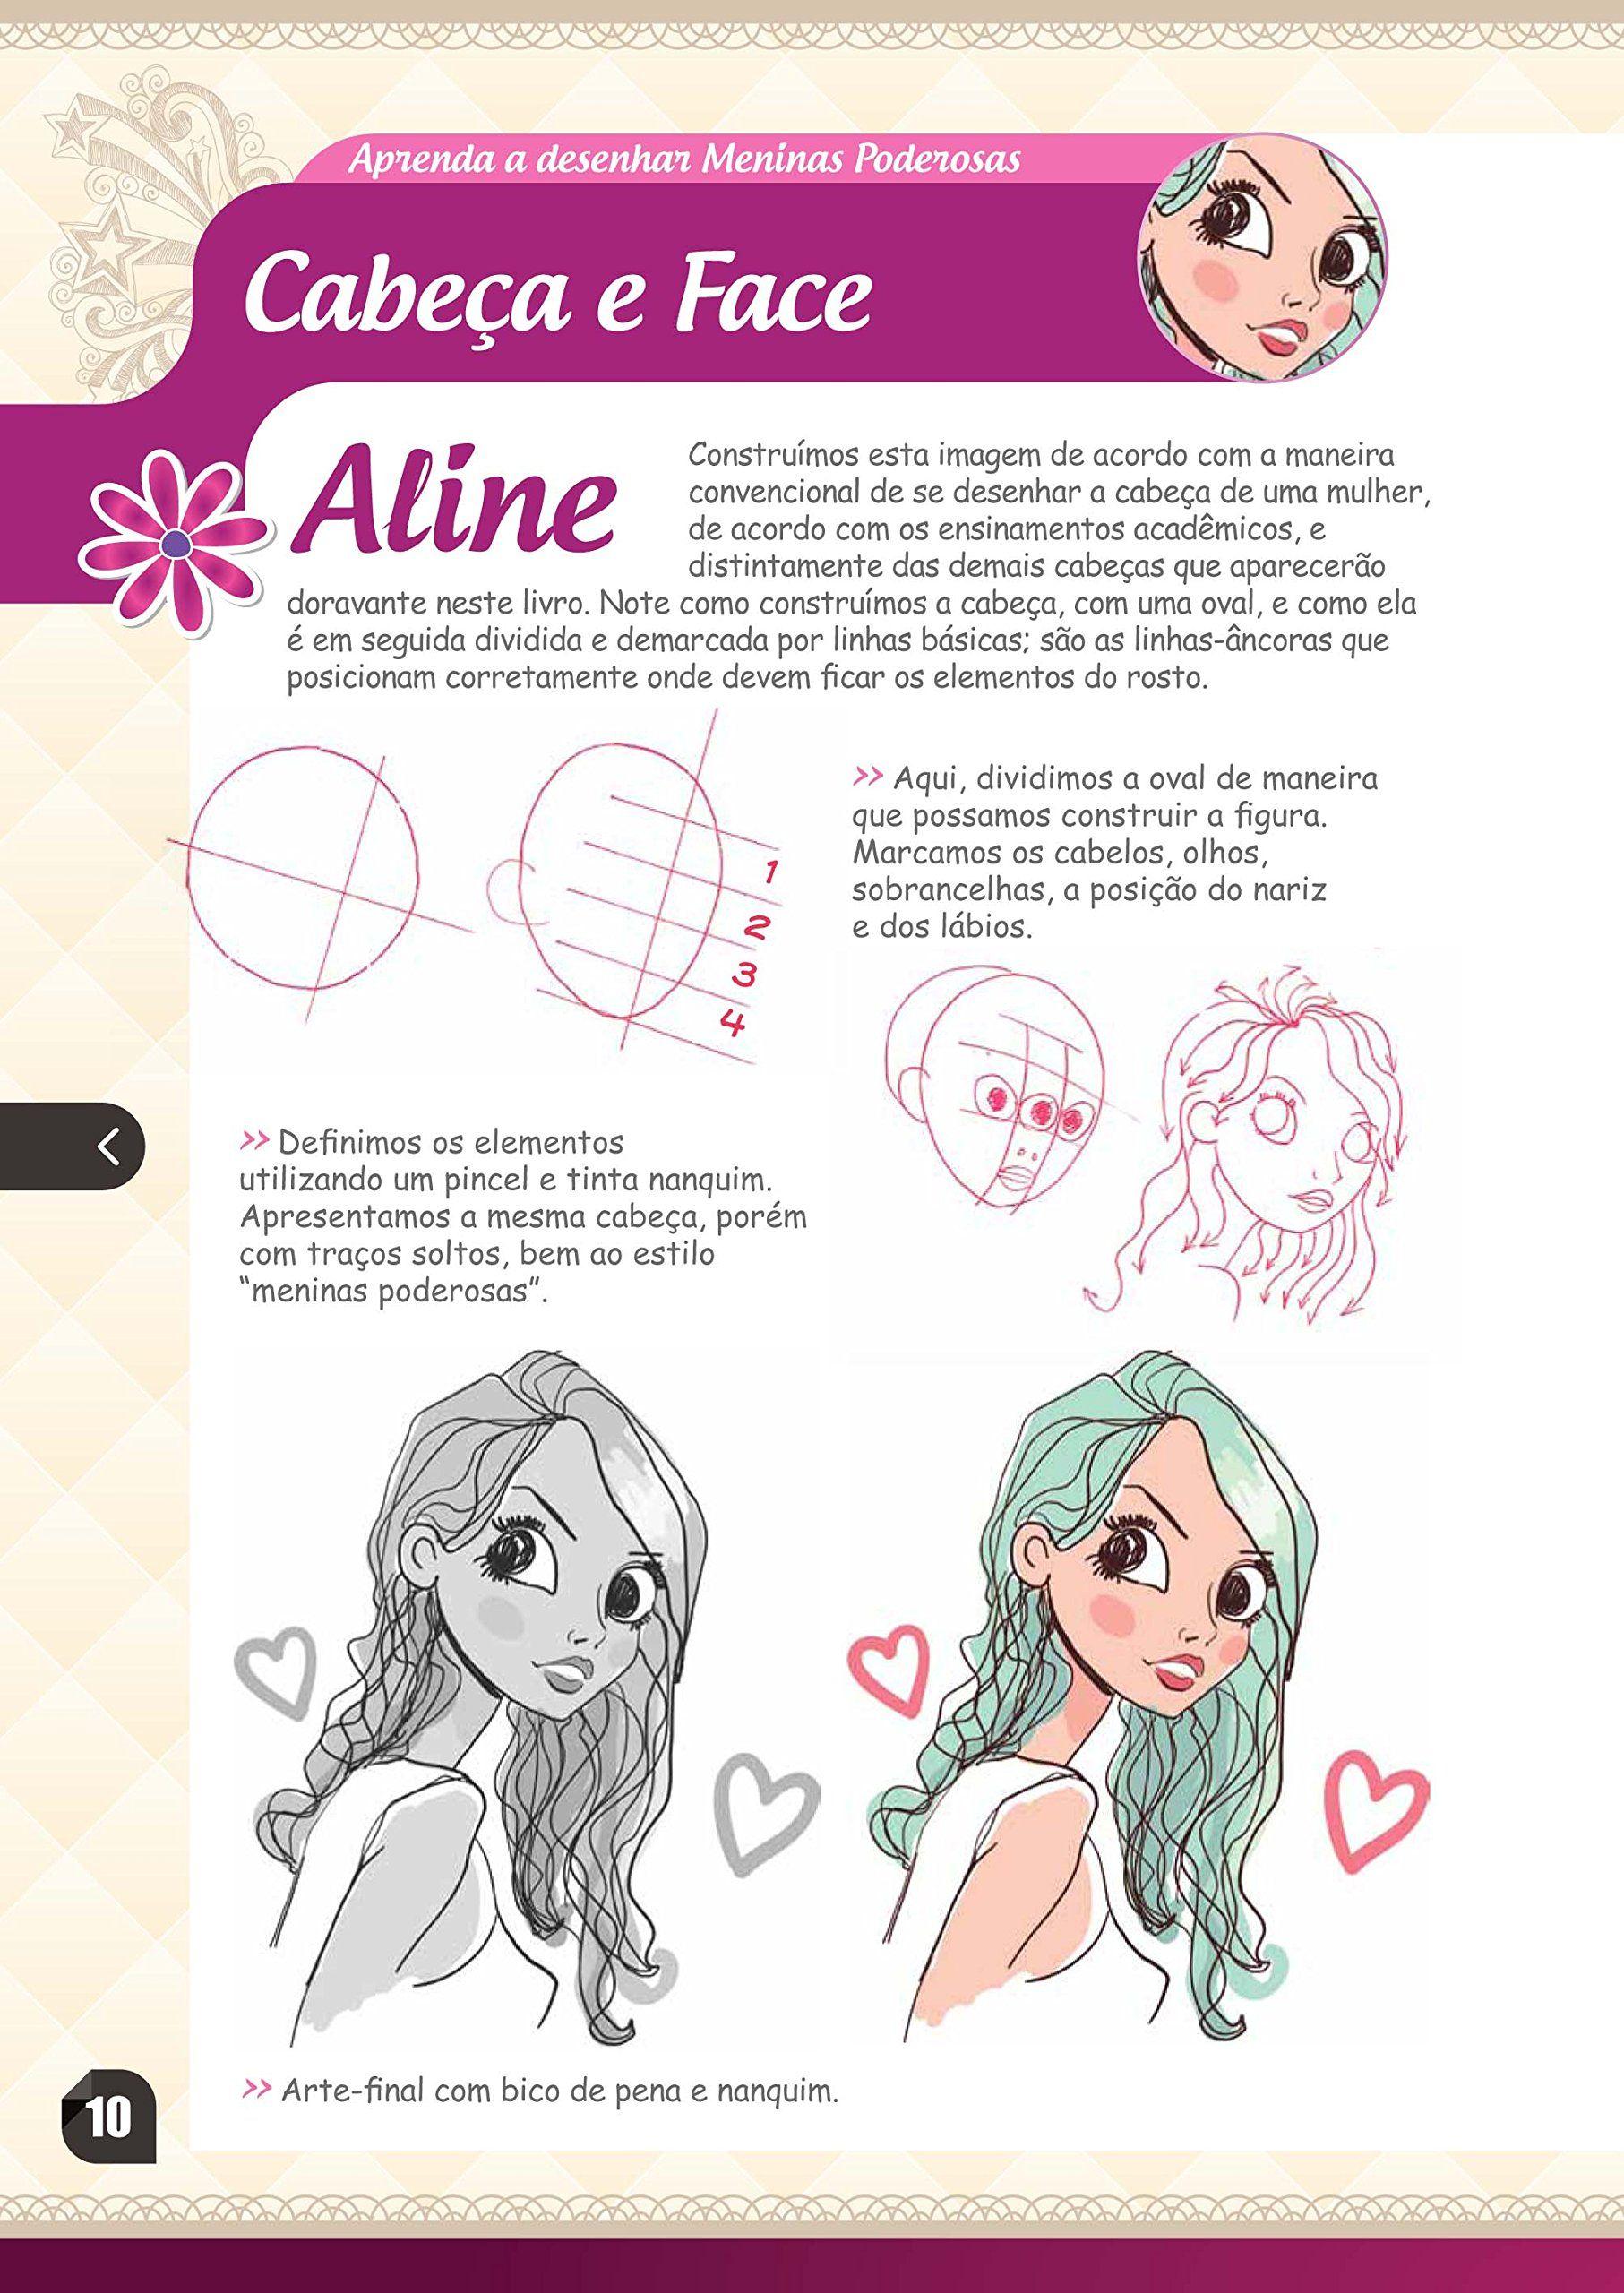 Aprenda a Desenhar Meninas Poderosas, Fadas e Mangá Shoujo - Livros na Amazon.com.br